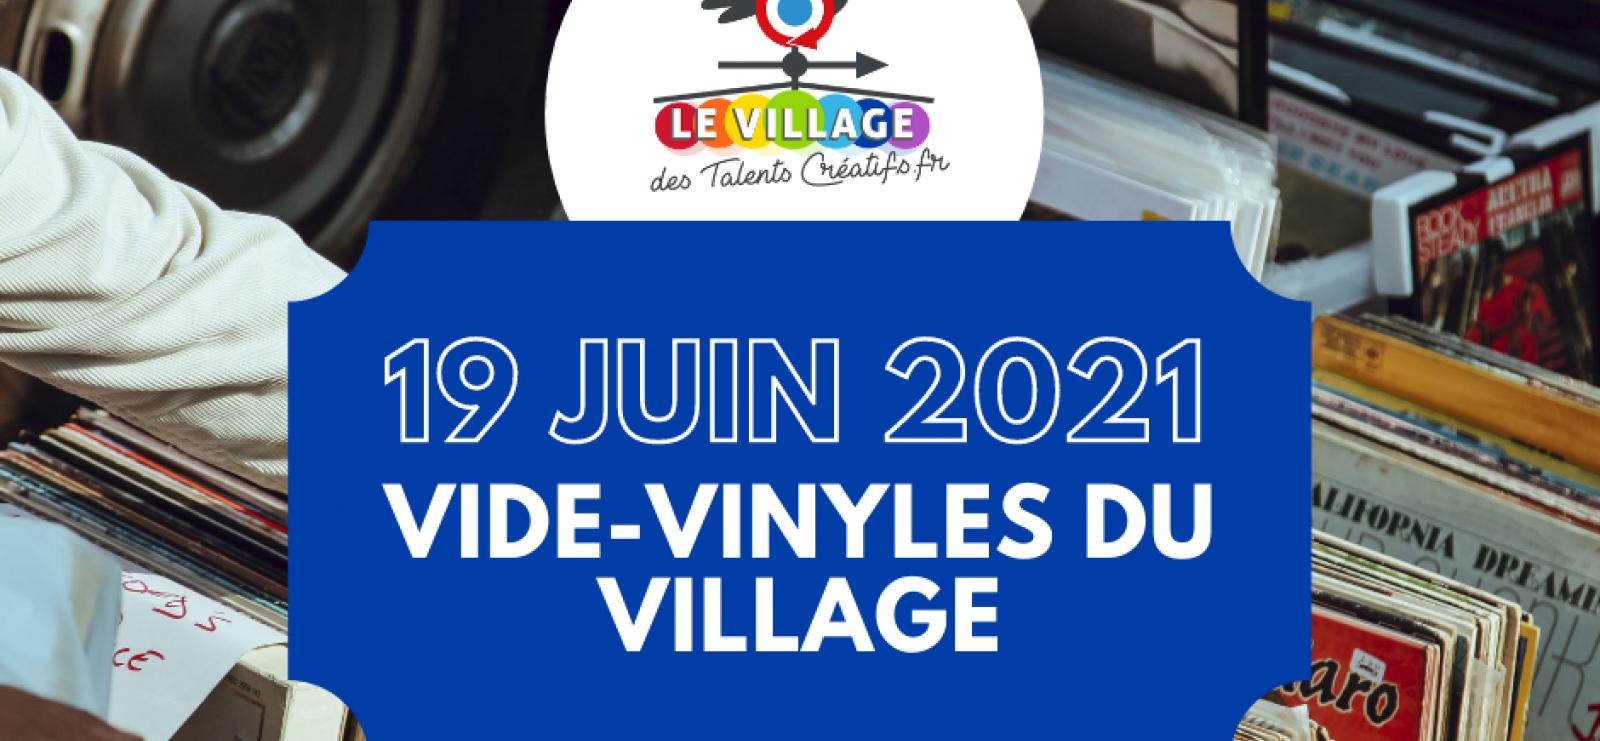 Vide-vinyles